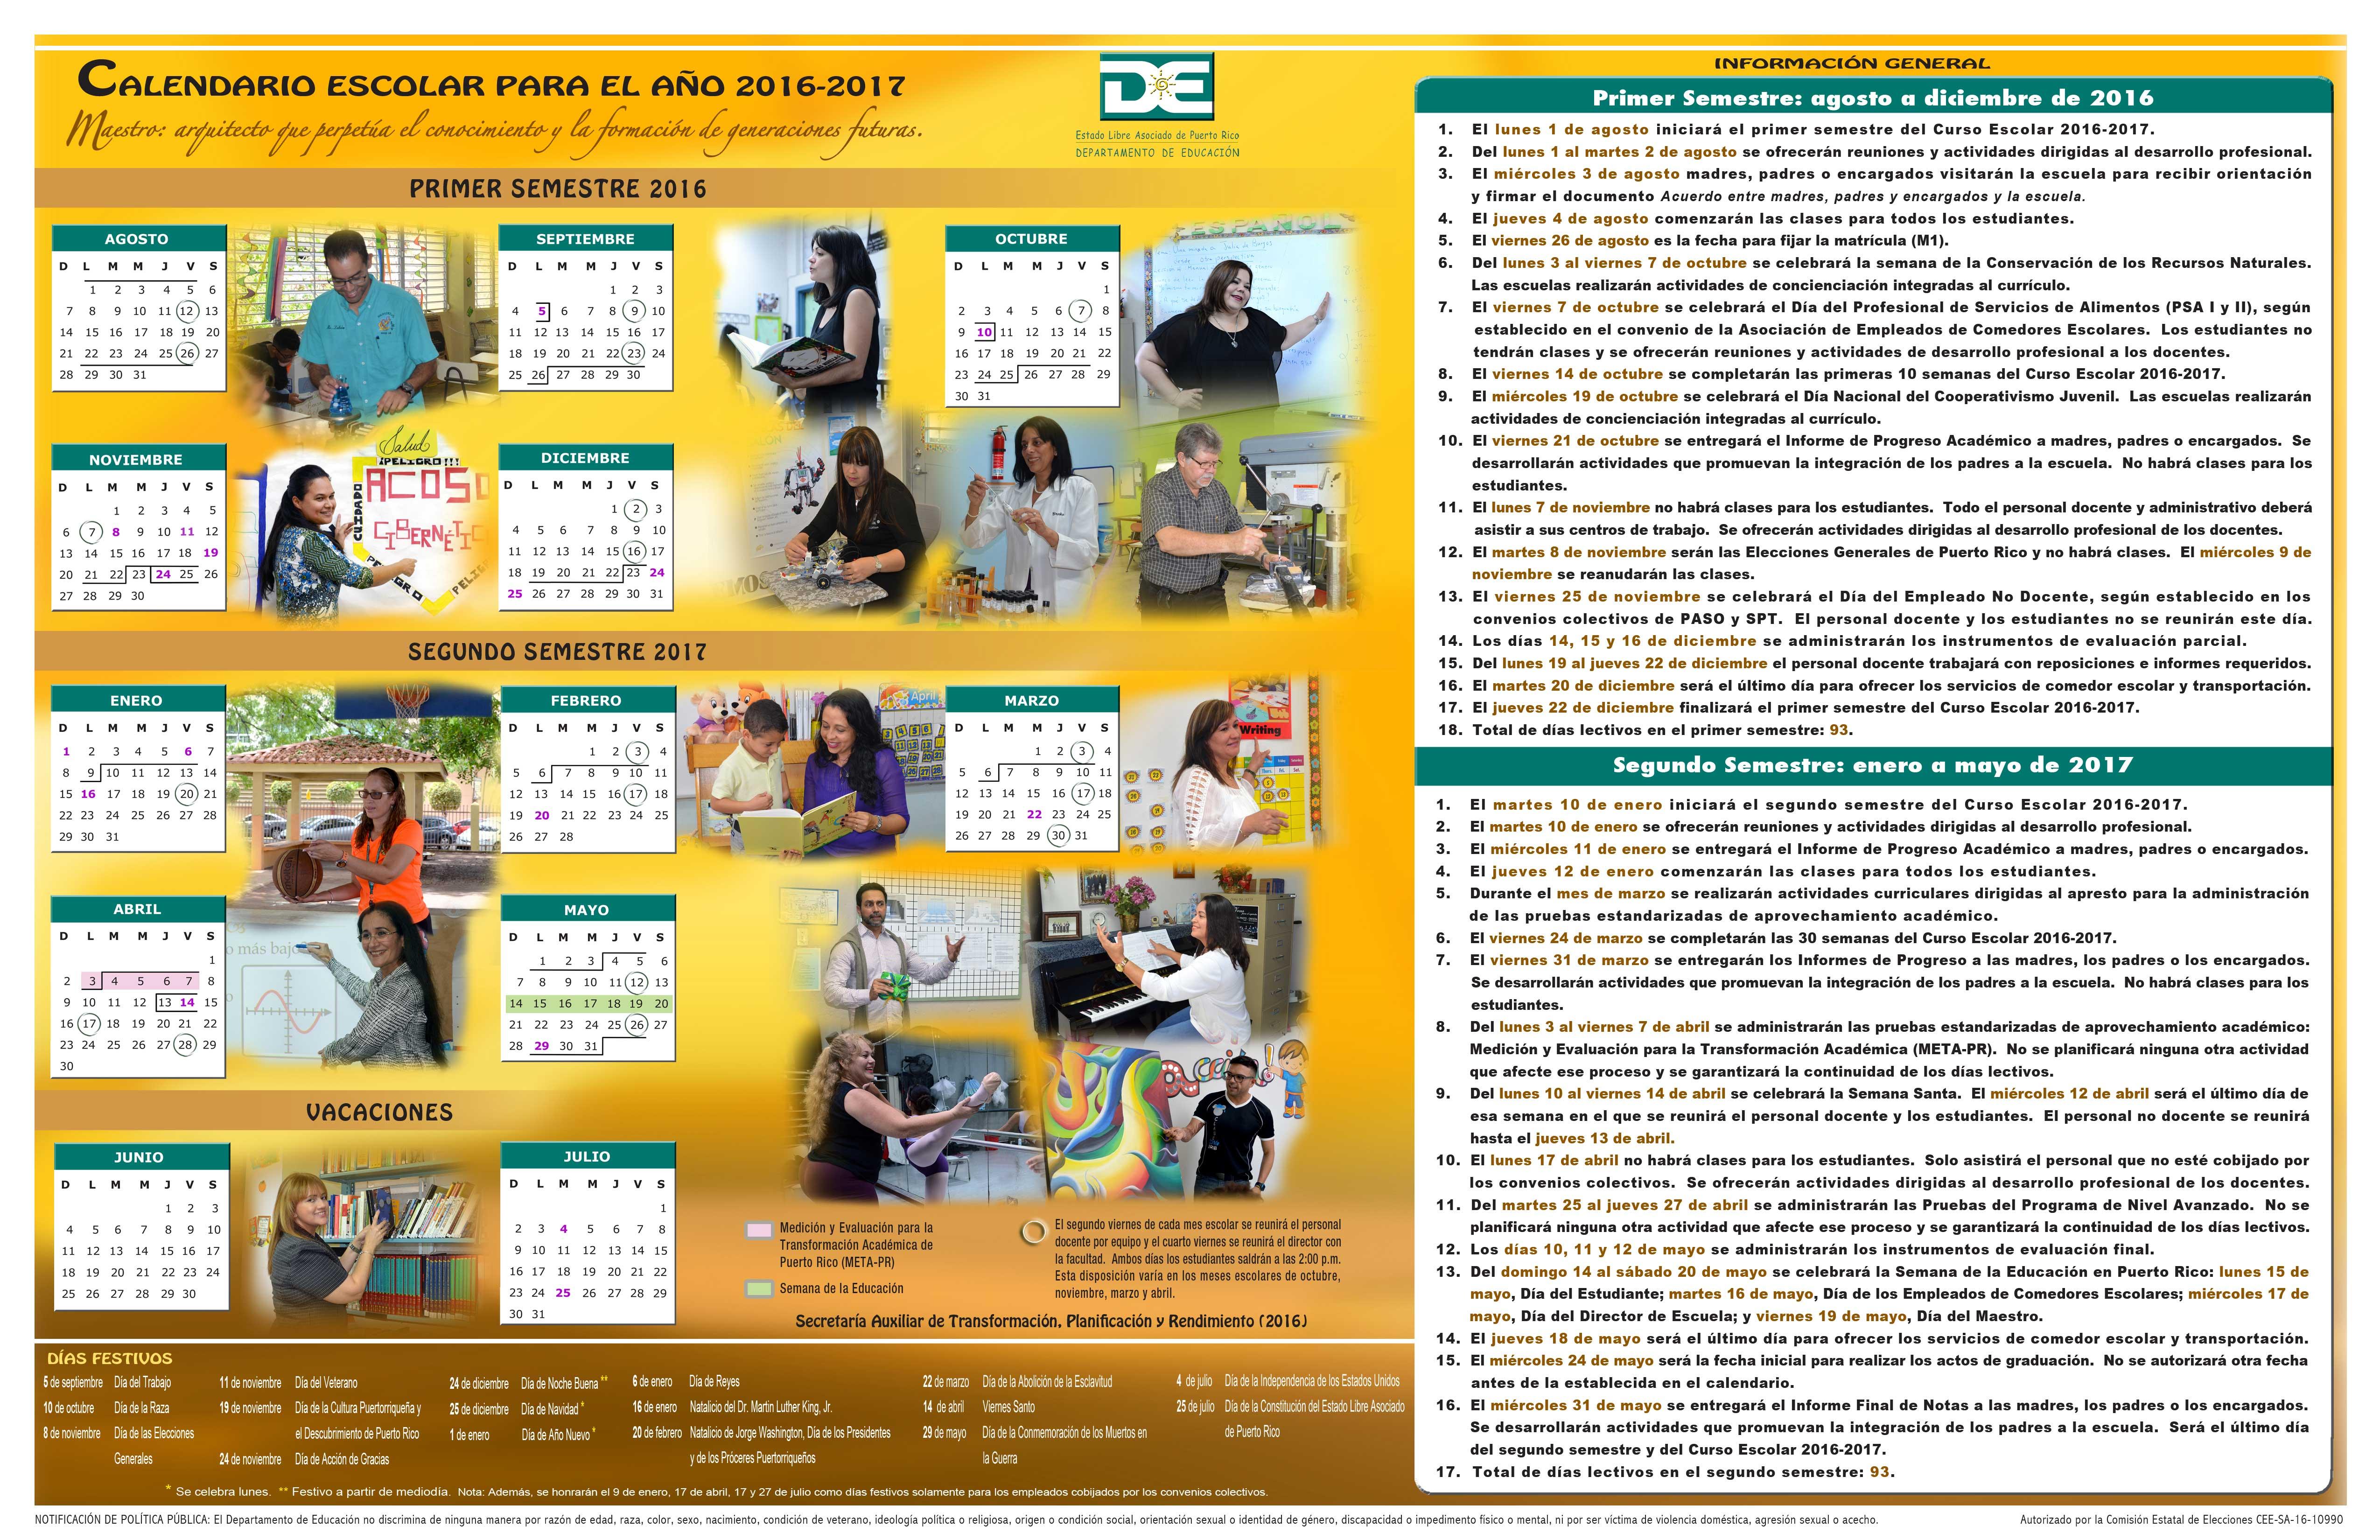 Calendario Escolar De Puerto Rico Para El Año 2016 2017 Al Día